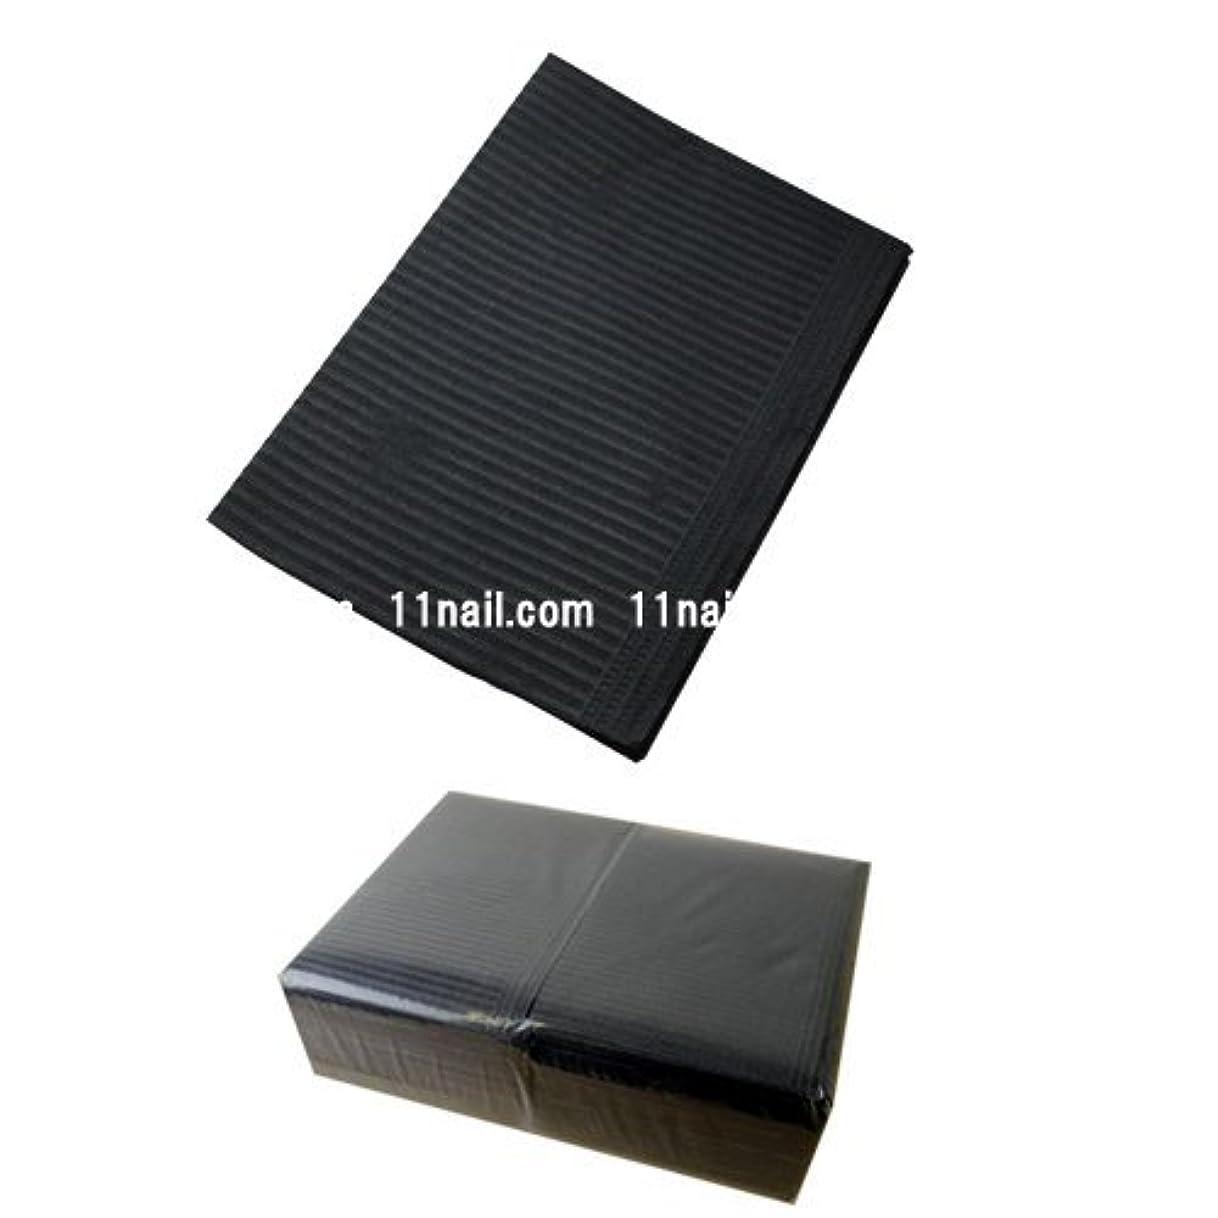 燃料フォージ媒染剤ネイル 防水ペーパー/裏面防水ネイルシート 50枚 ブラック